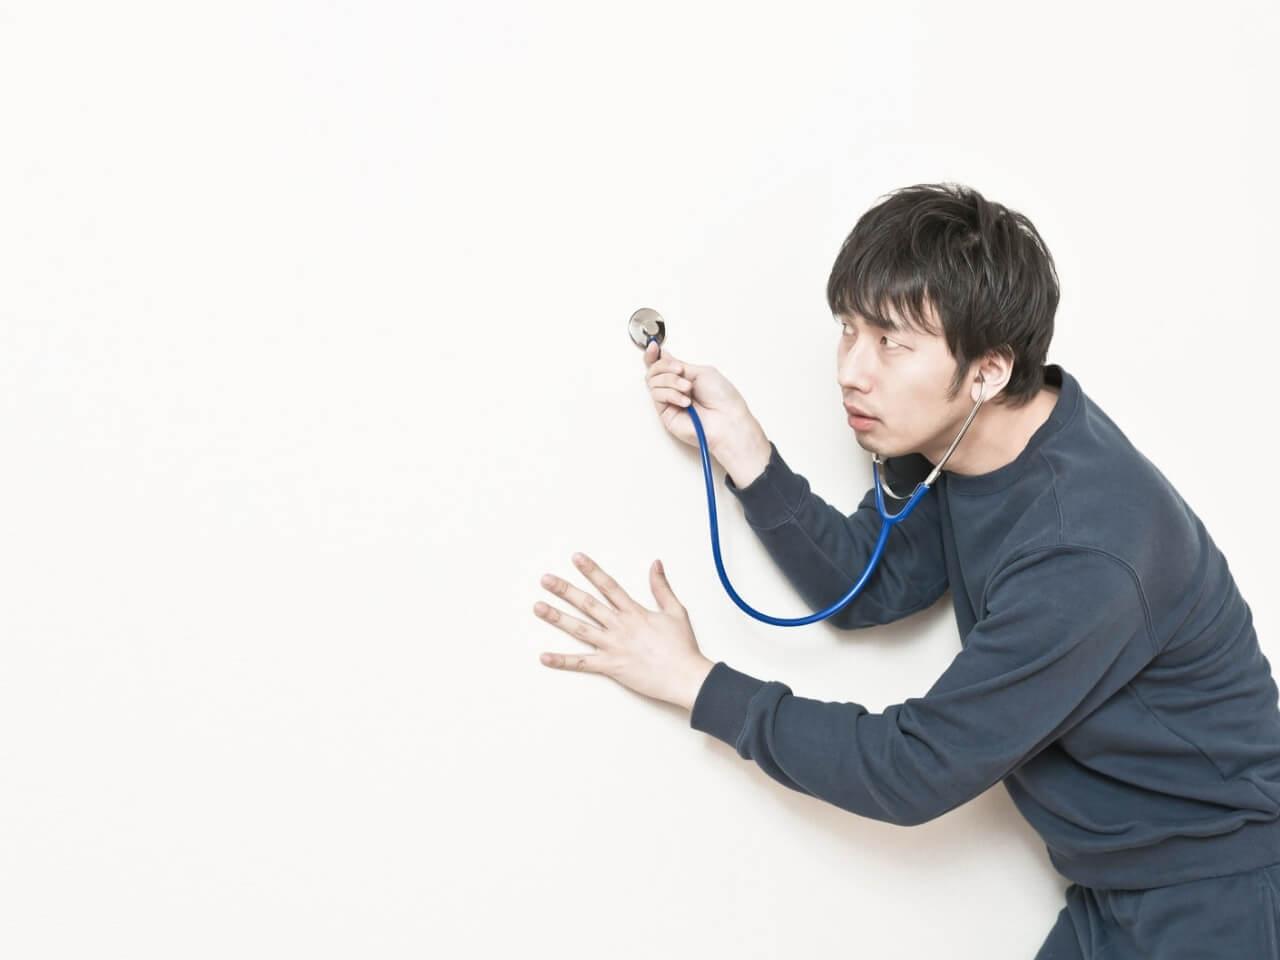 聴診器で隣の部屋の音を聞く男性